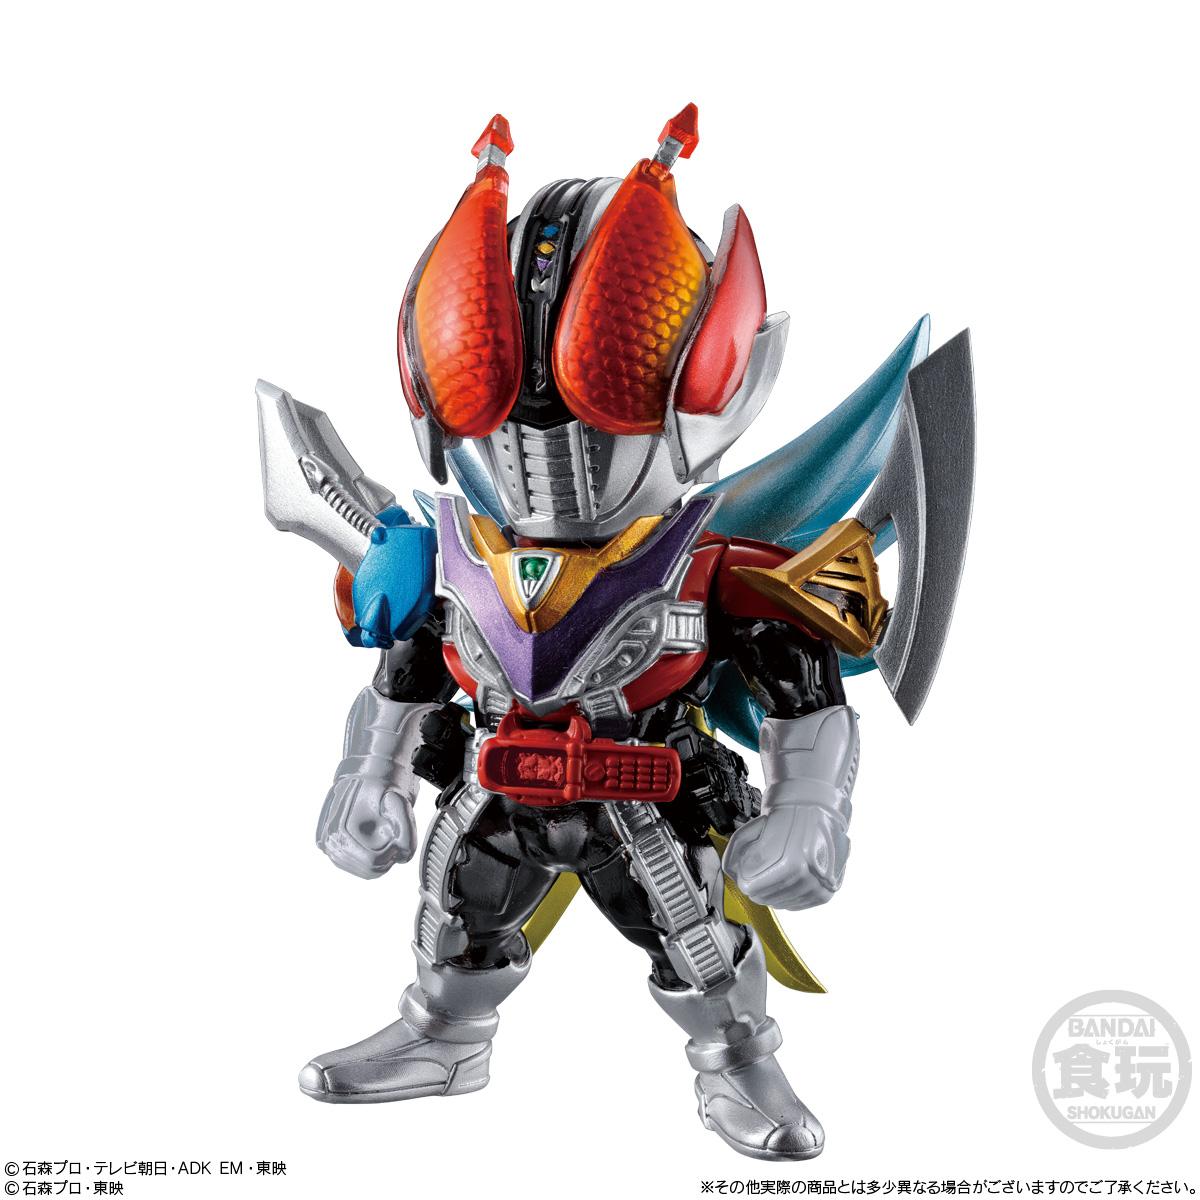 【食玩】コンバージ仮面ライダー『CONVERGE KAMEN RIDER 22』10個入りBOX-006